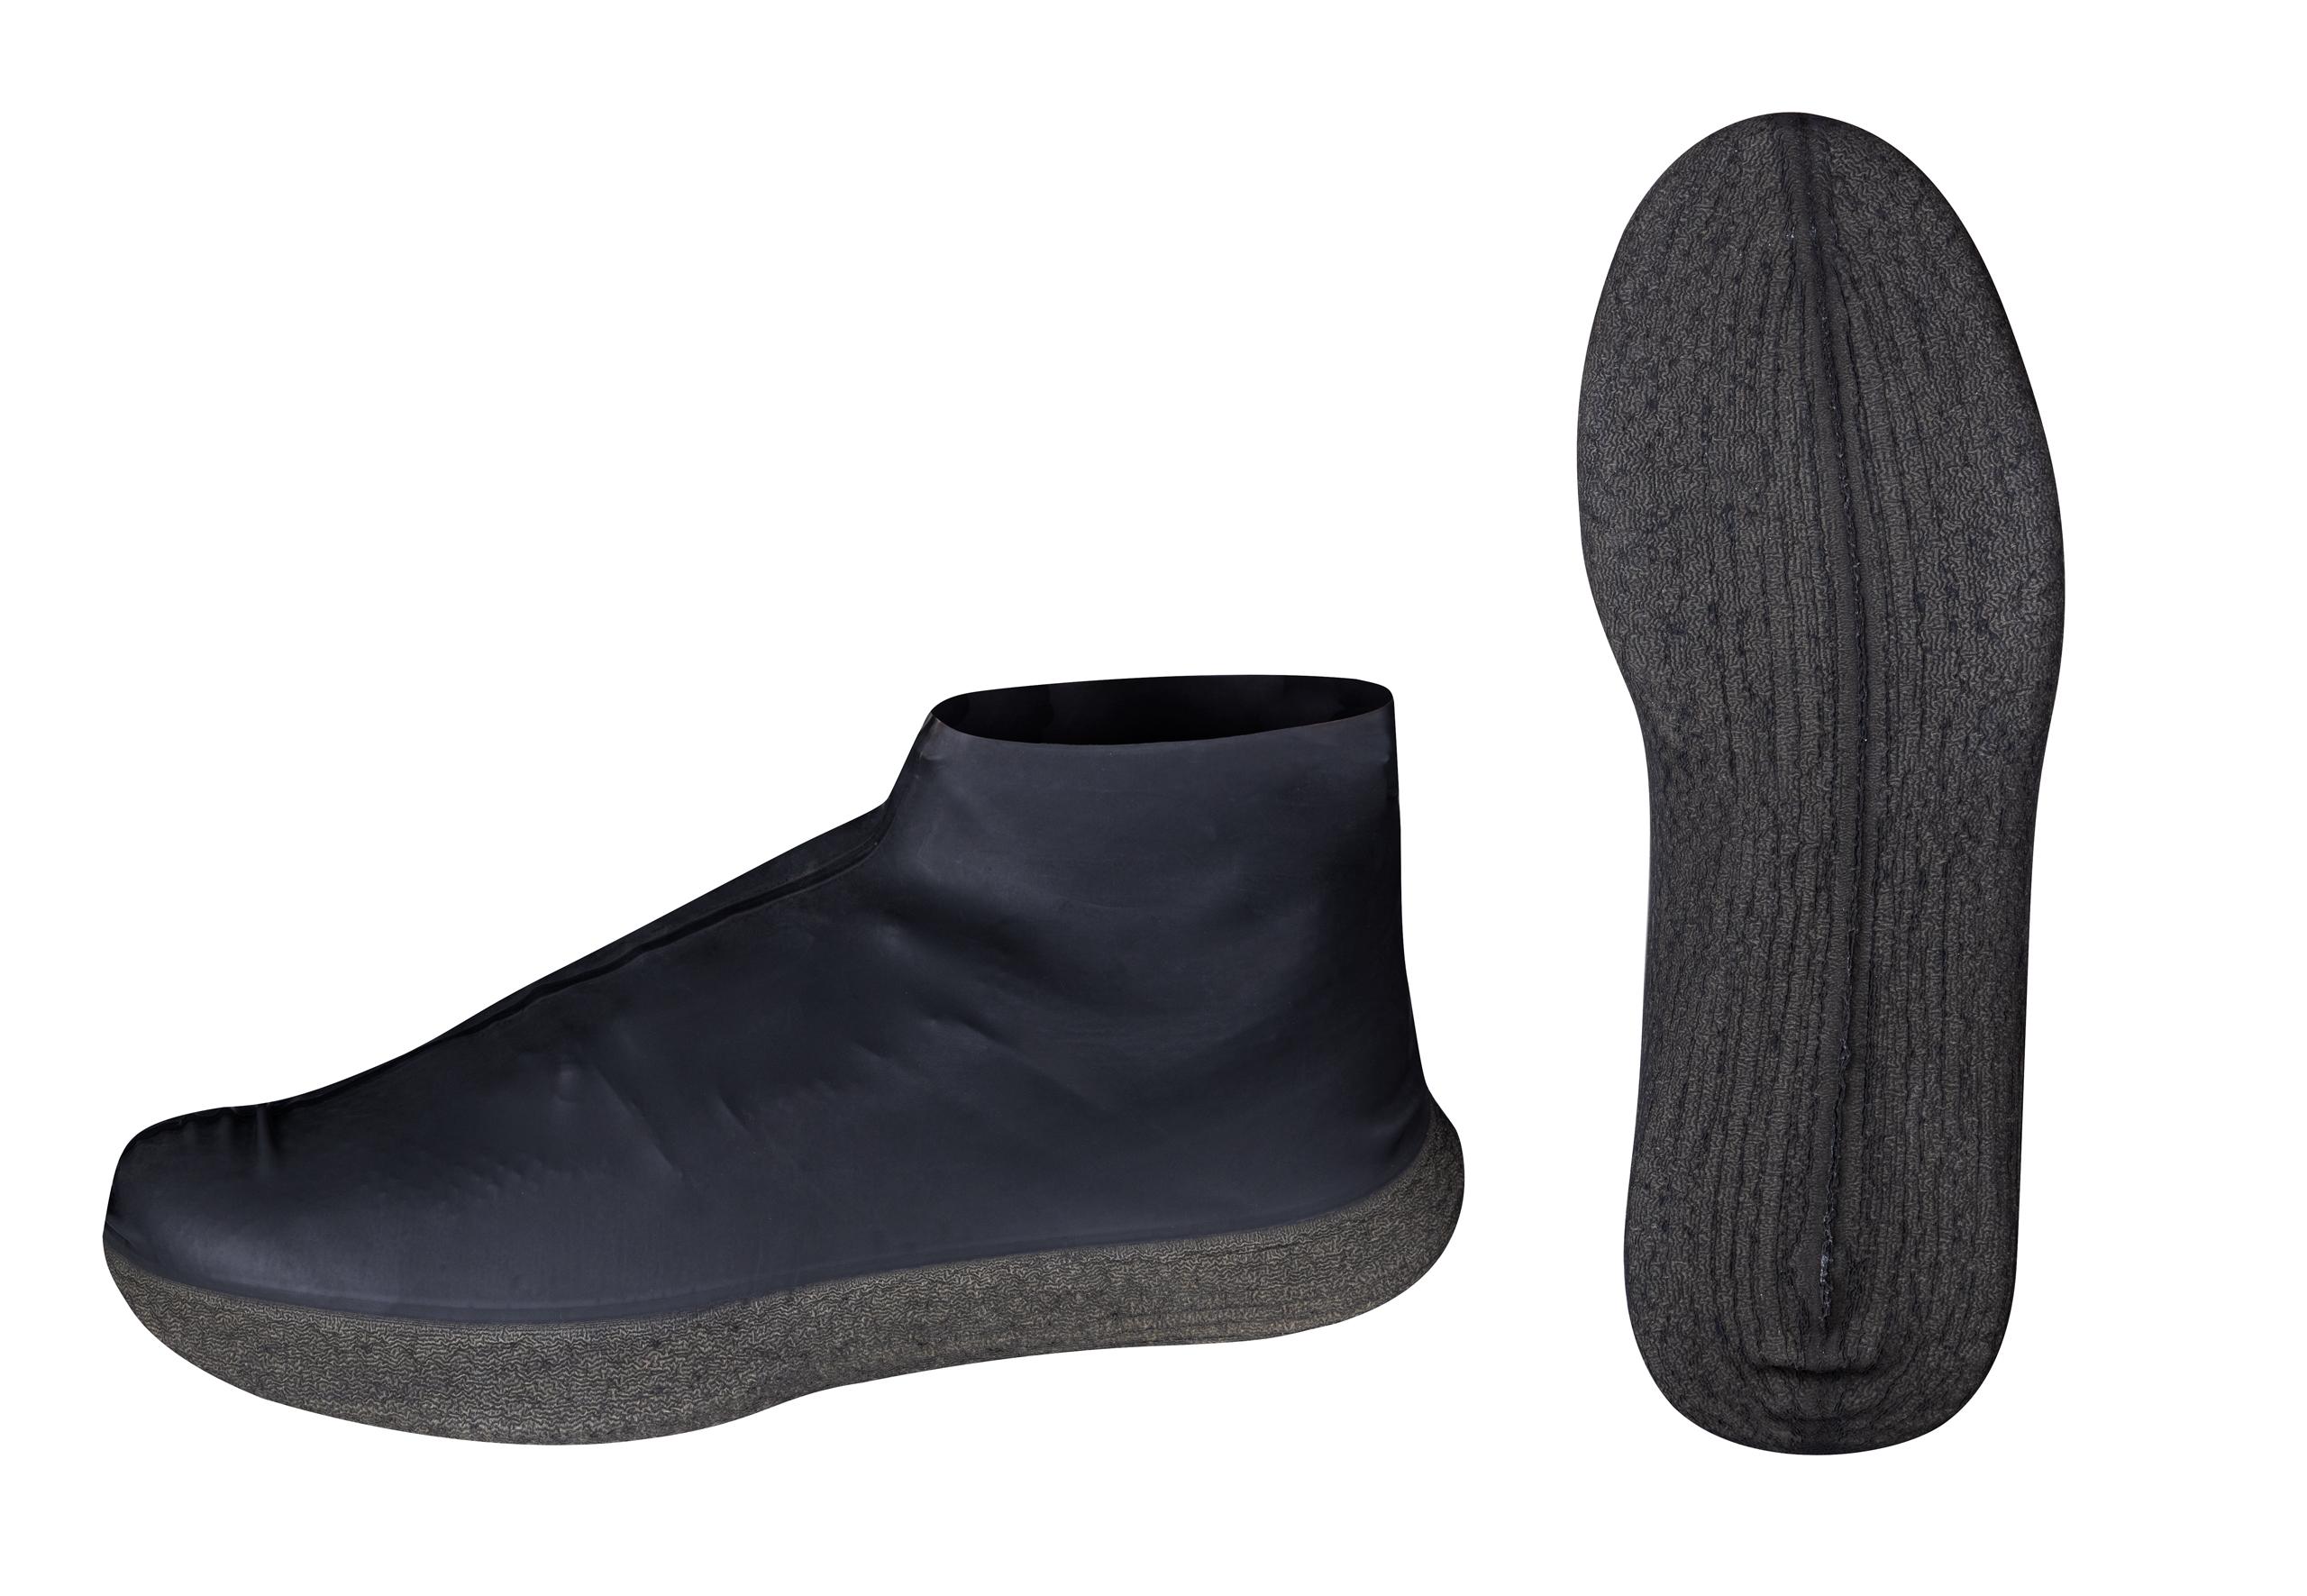 návleky bot VELOTOZE ROAM latex, černé XL